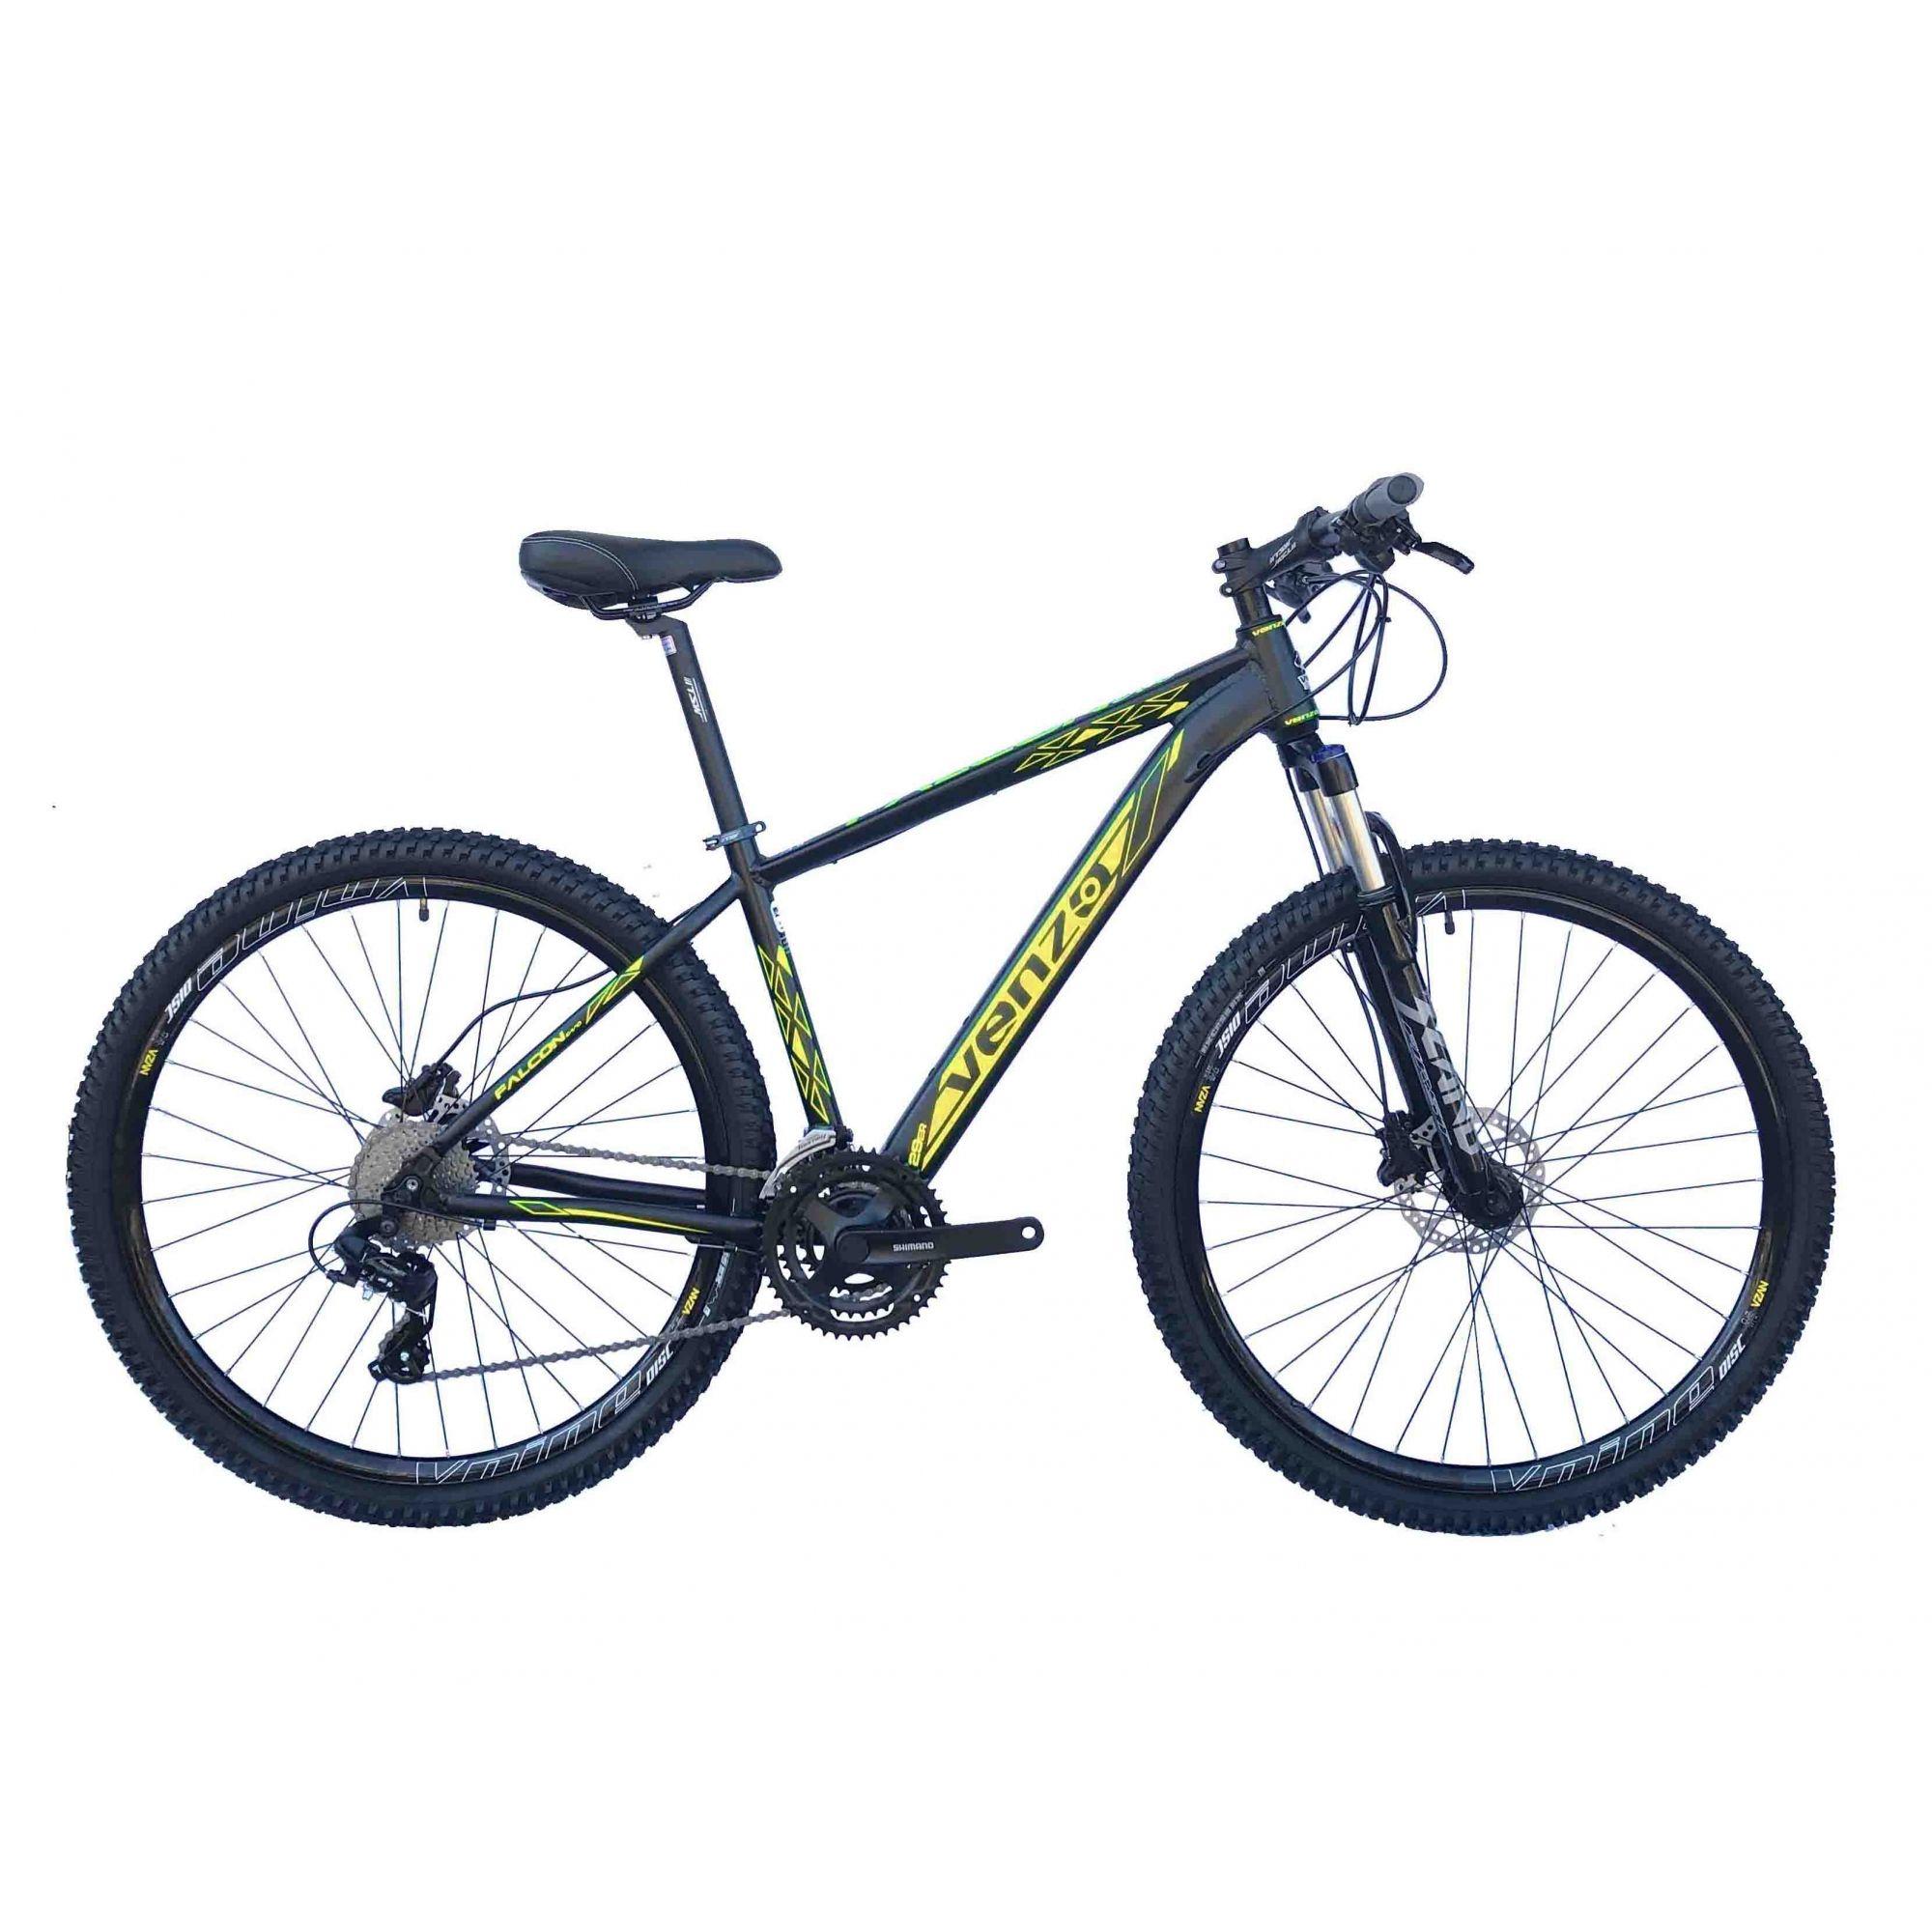 Bicicleta Aro 29 Venzo Falcon Evo 24v Shimano Freio Hidraulico Susp c/ Trava Ombro